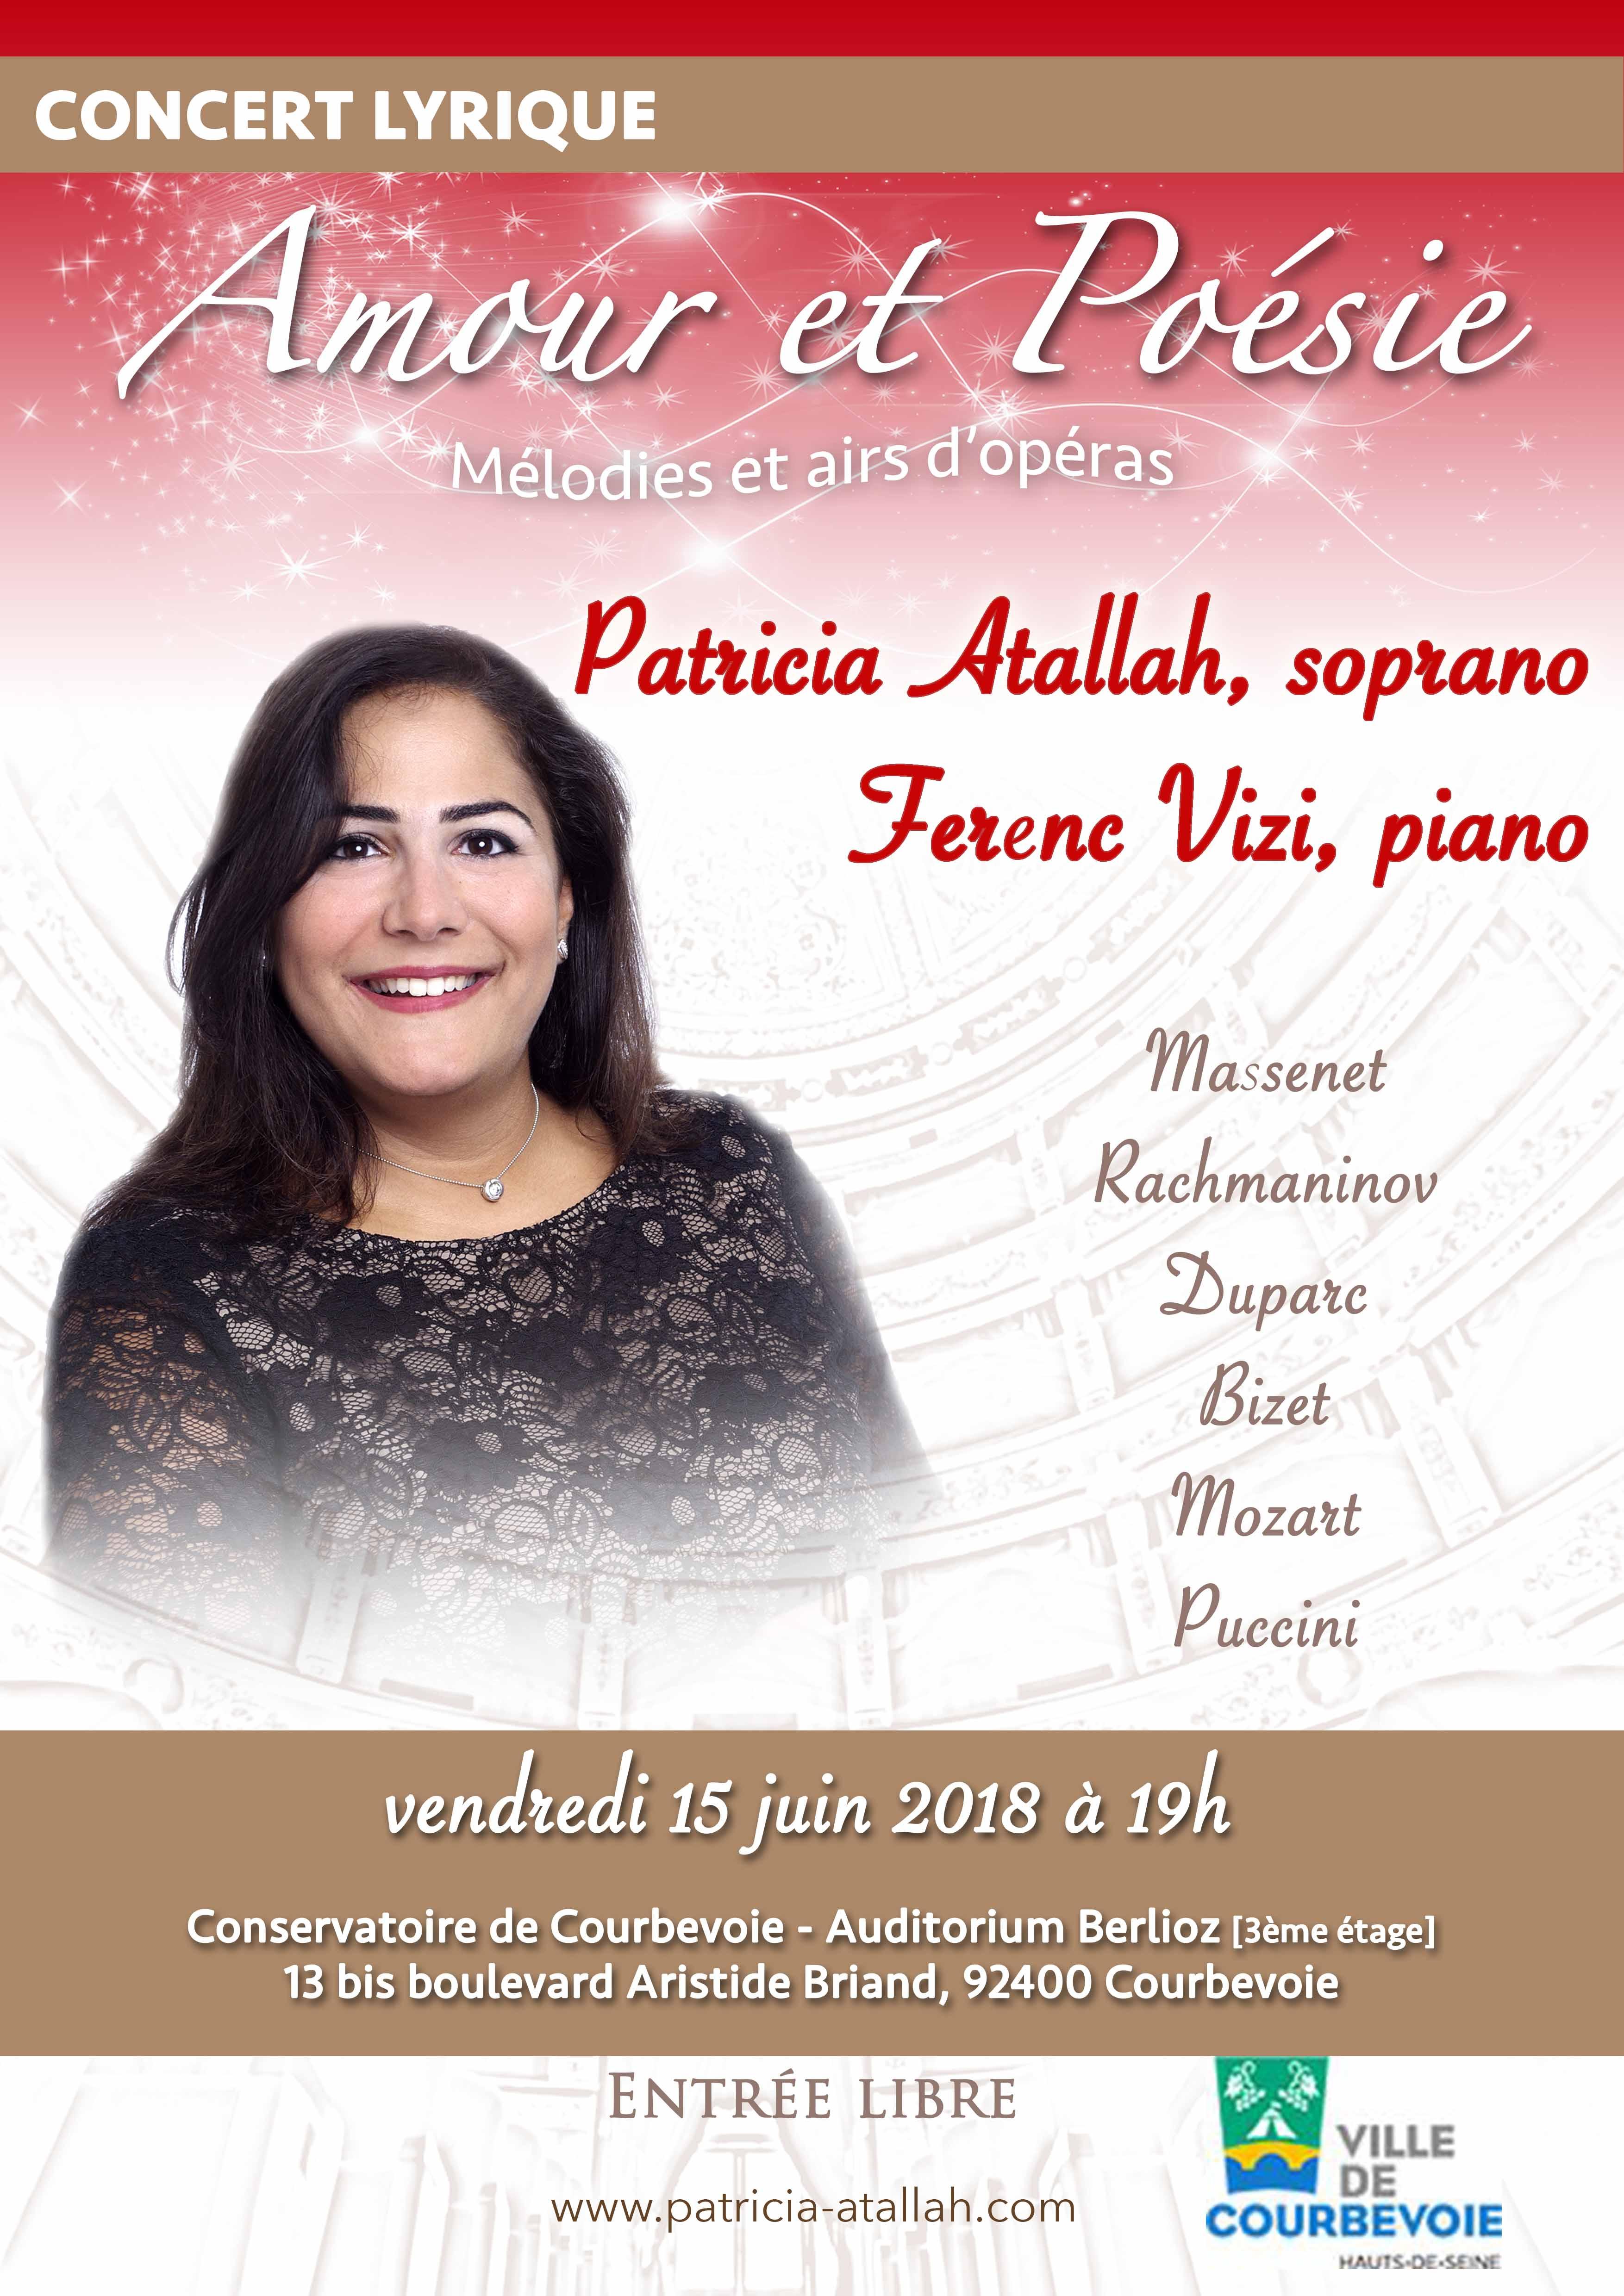 Concert Lyrique - Amour et Poésie